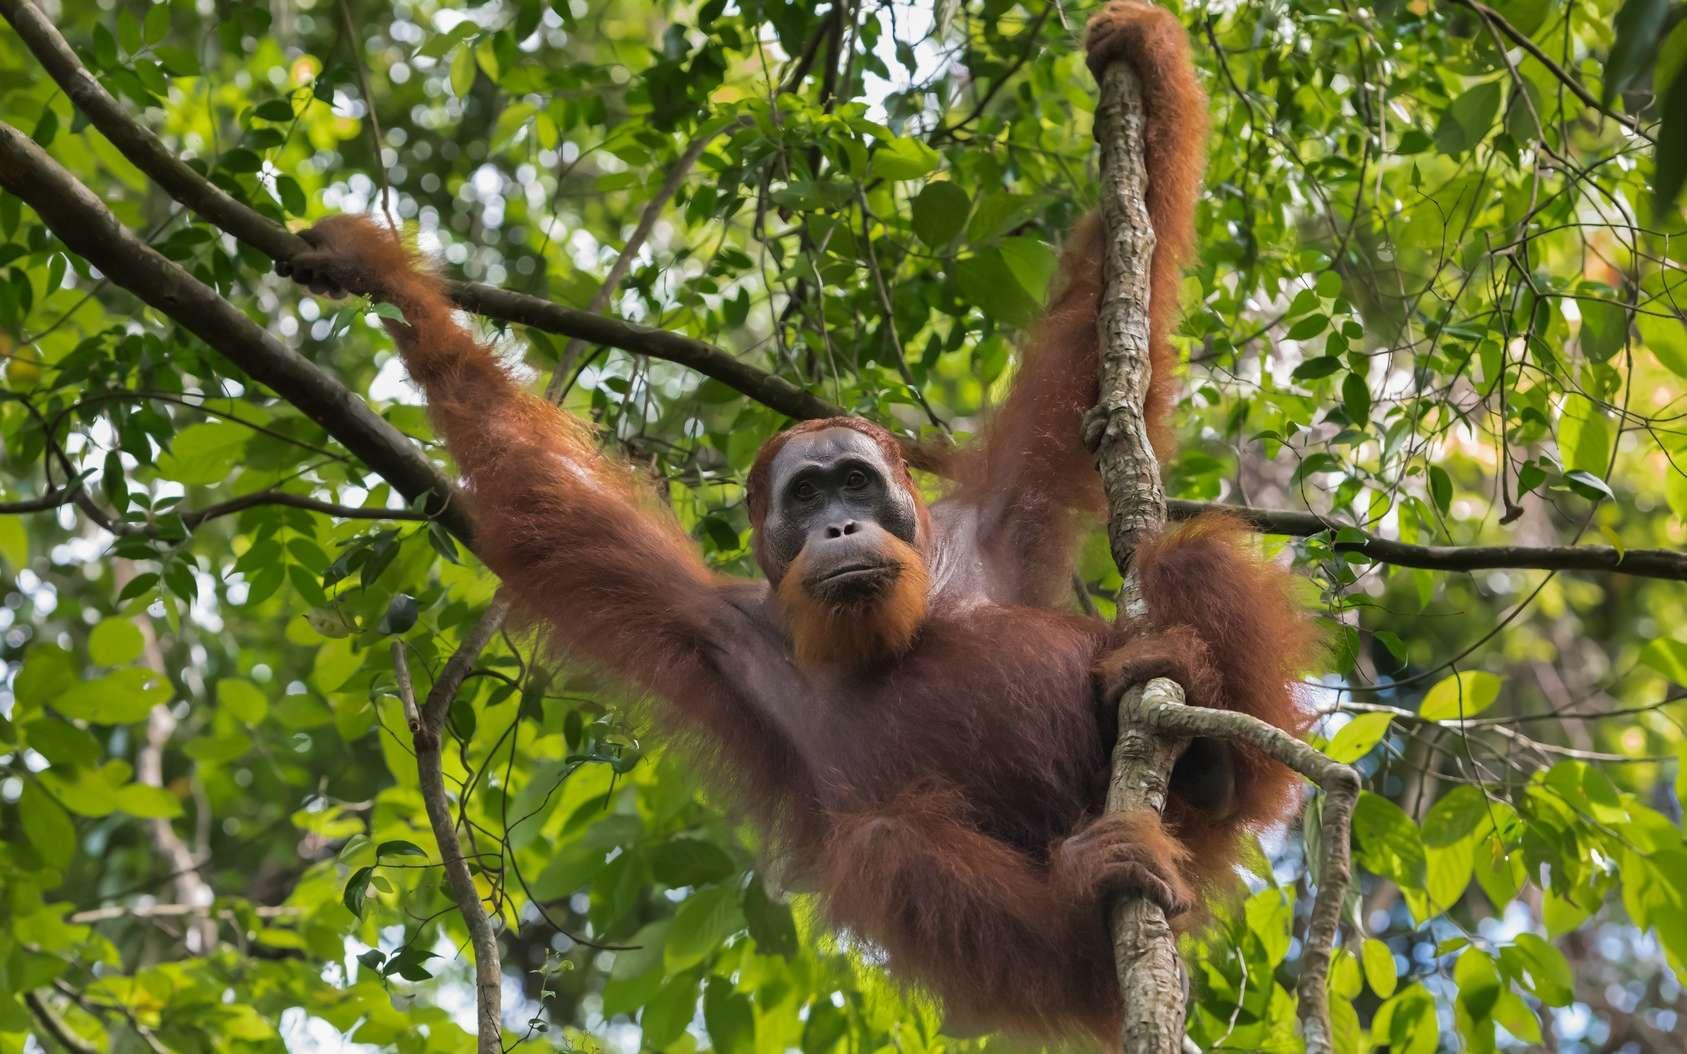 La biodiversité est en crise. Les orangs-outans font partie des espèces en déclin. © alekseev, Fotolia